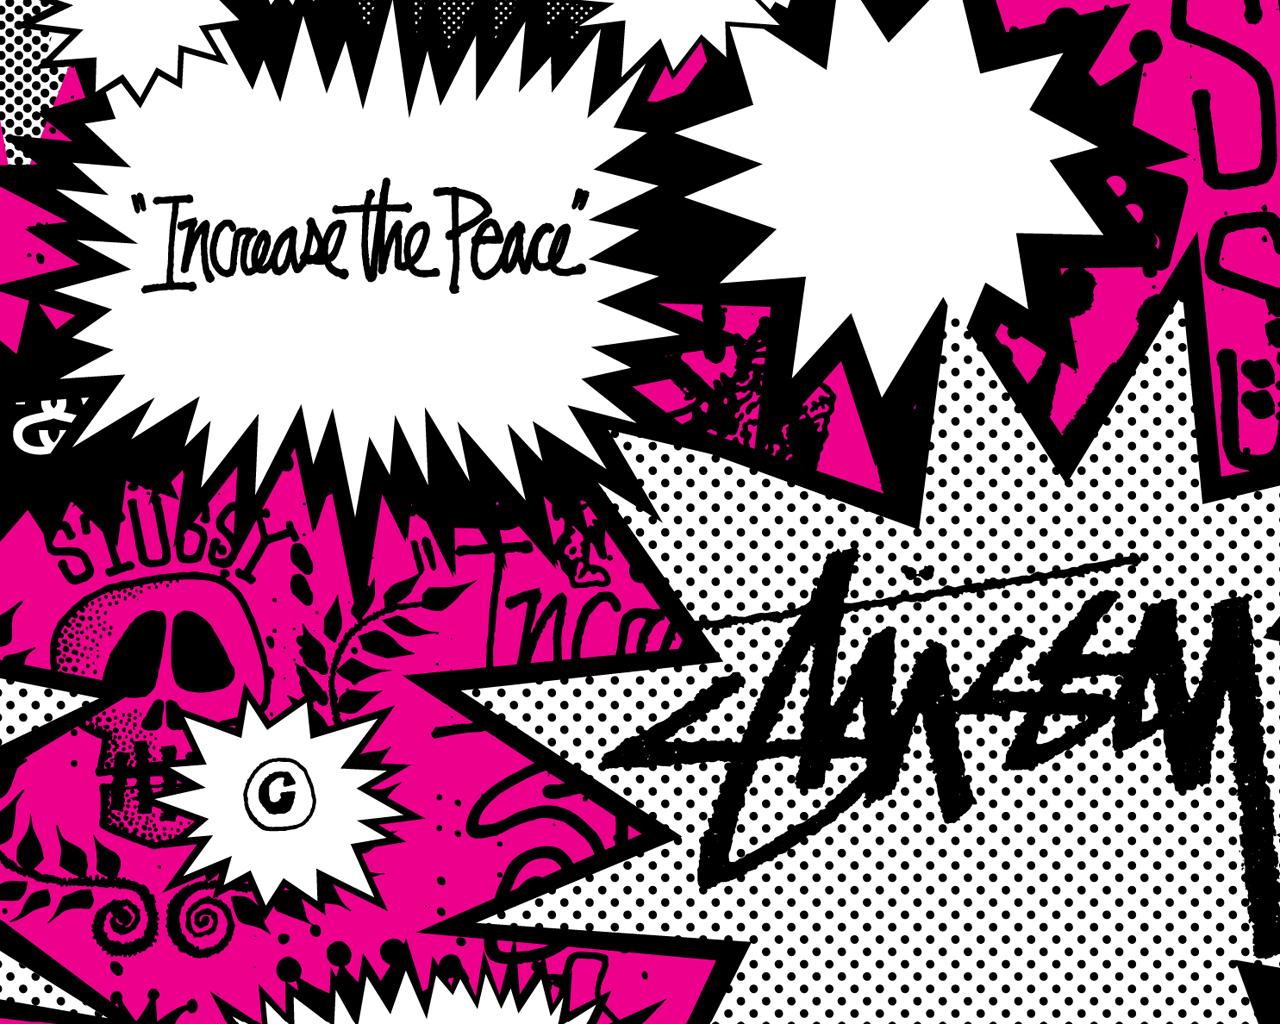 http://4.bp.blogspot.com/_Iq1fkO6qus0/TUNWPP99JXI/AAAAAAAAAo4/_ccPJ1Q_izY/s1600/cool-punk-wallpaper_13120114.jpeg